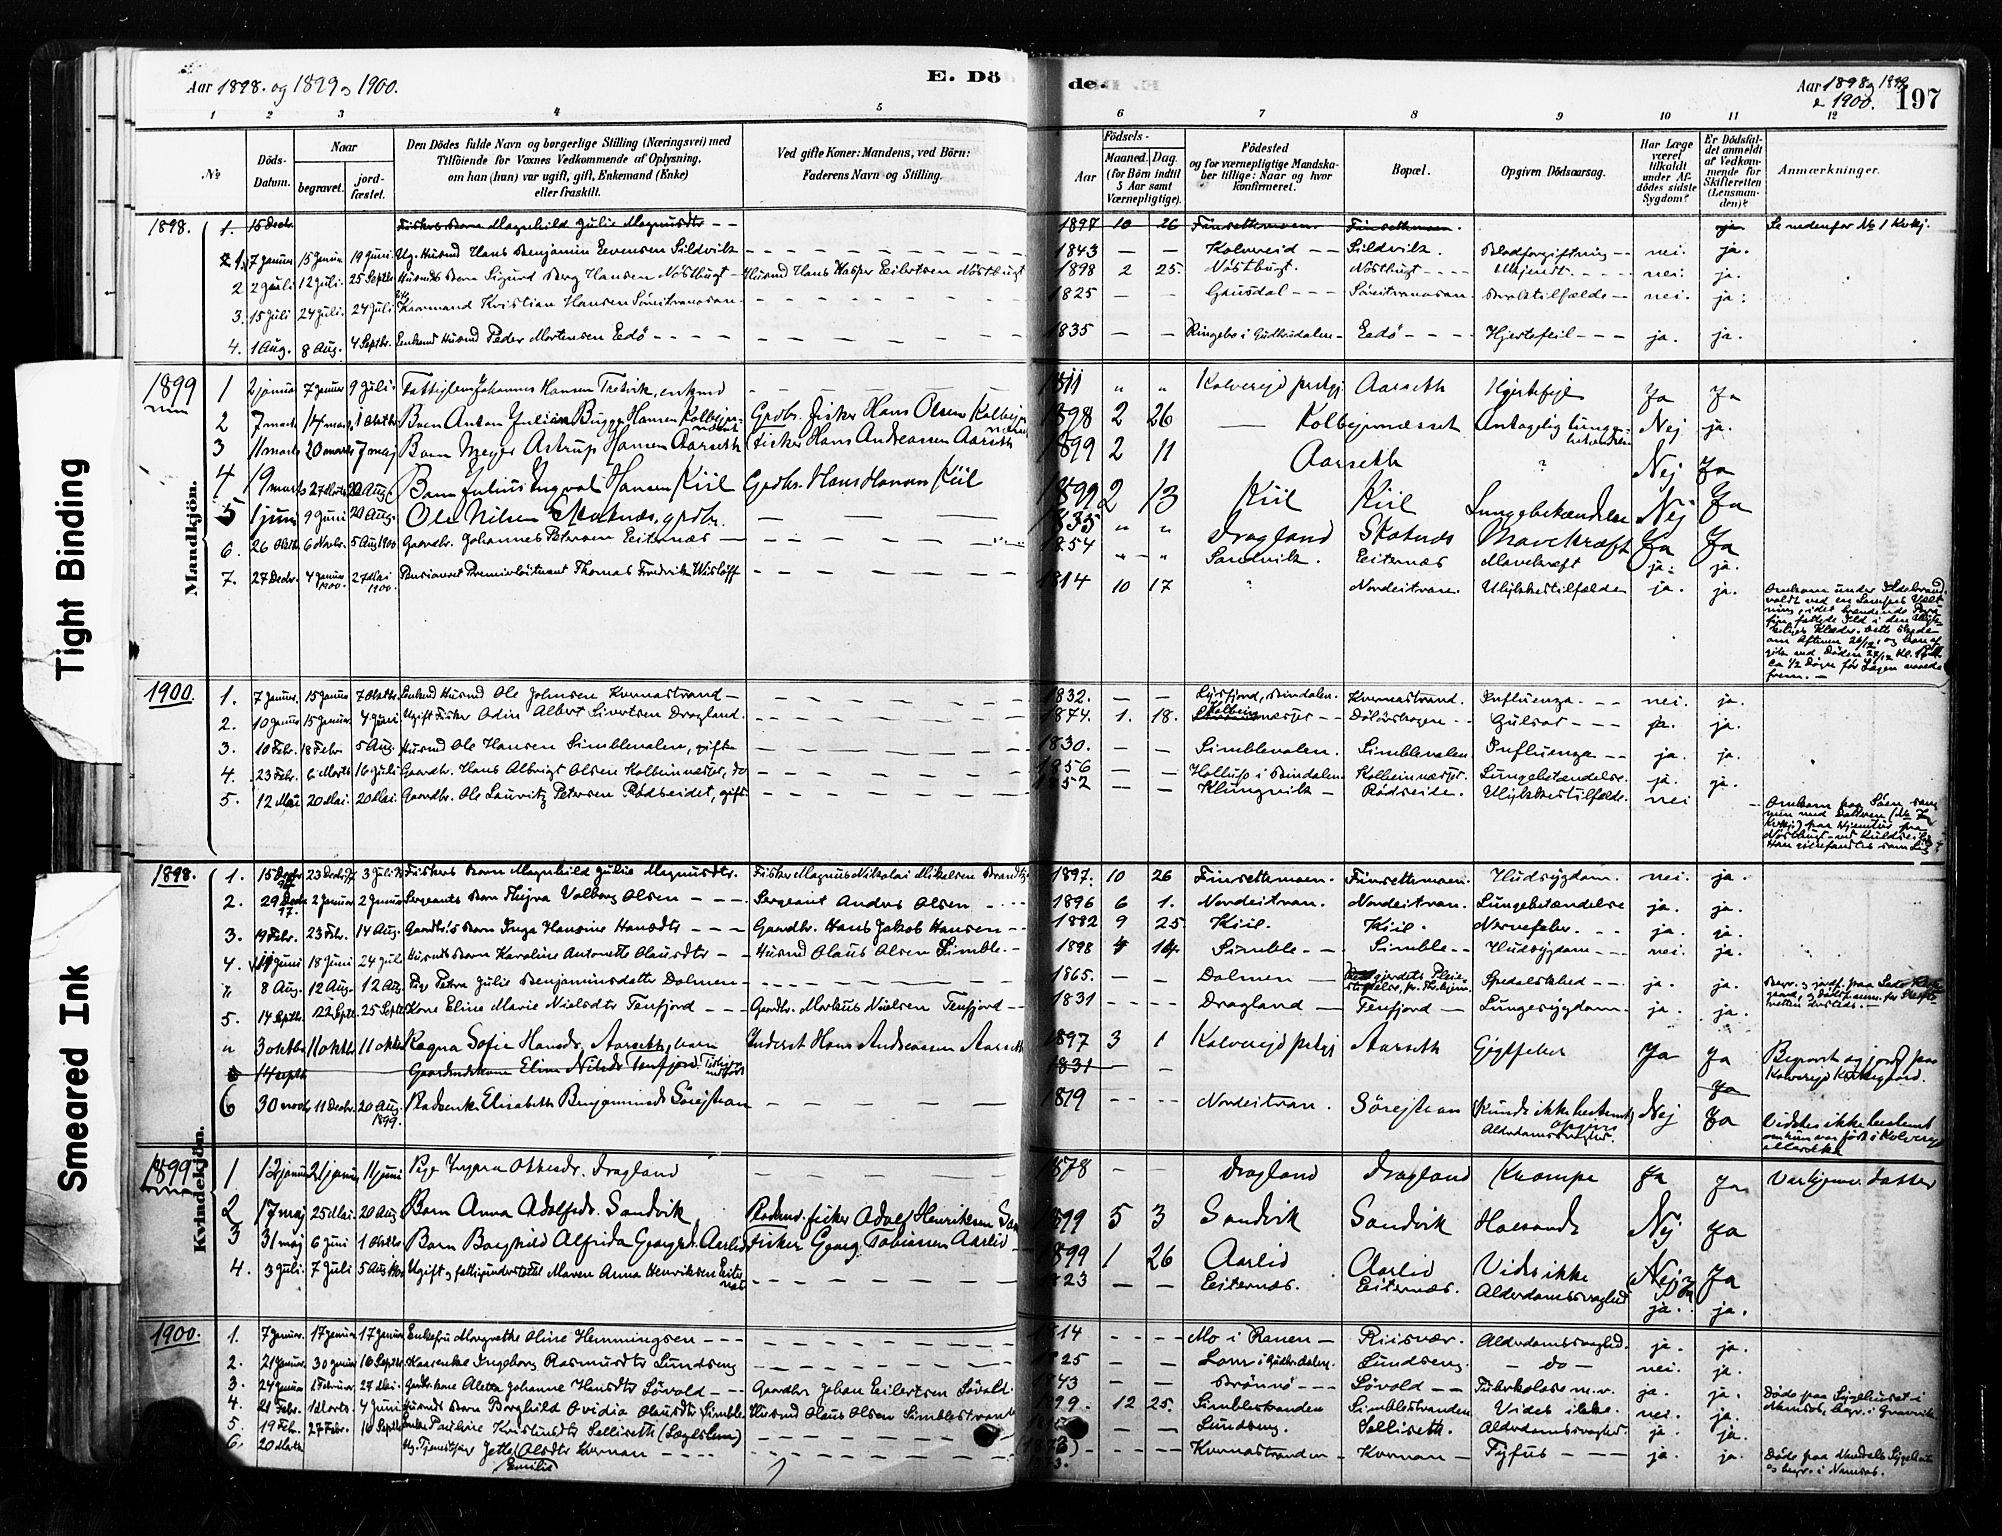 SAT, Ministerialprotokoller, klokkerbøker og fødselsregistre - Nord-Trøndelag, 789/L0705: Ministerialbok nr. 789A01, 1878-1910, s. 197